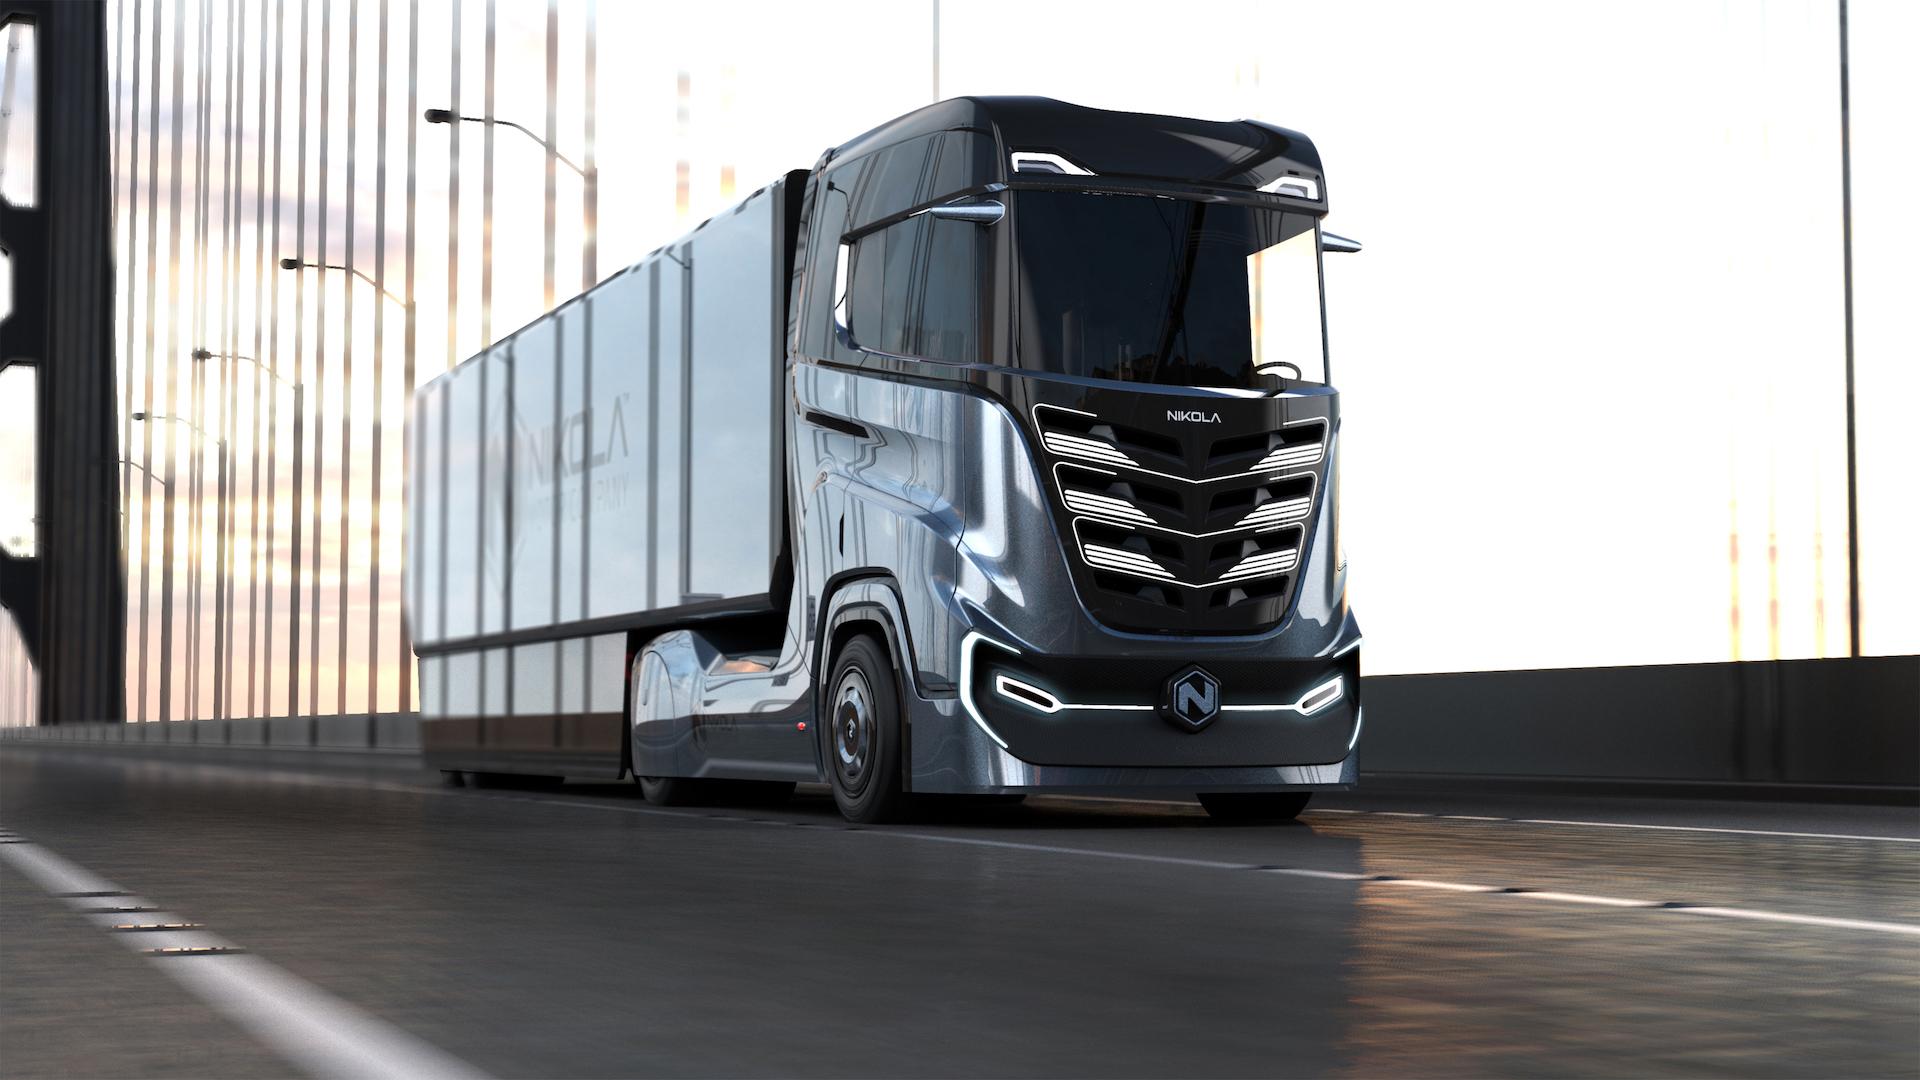 1 300 km d'autonomie pour son camion électrique : Nikola vante une batterie révolutionnaire